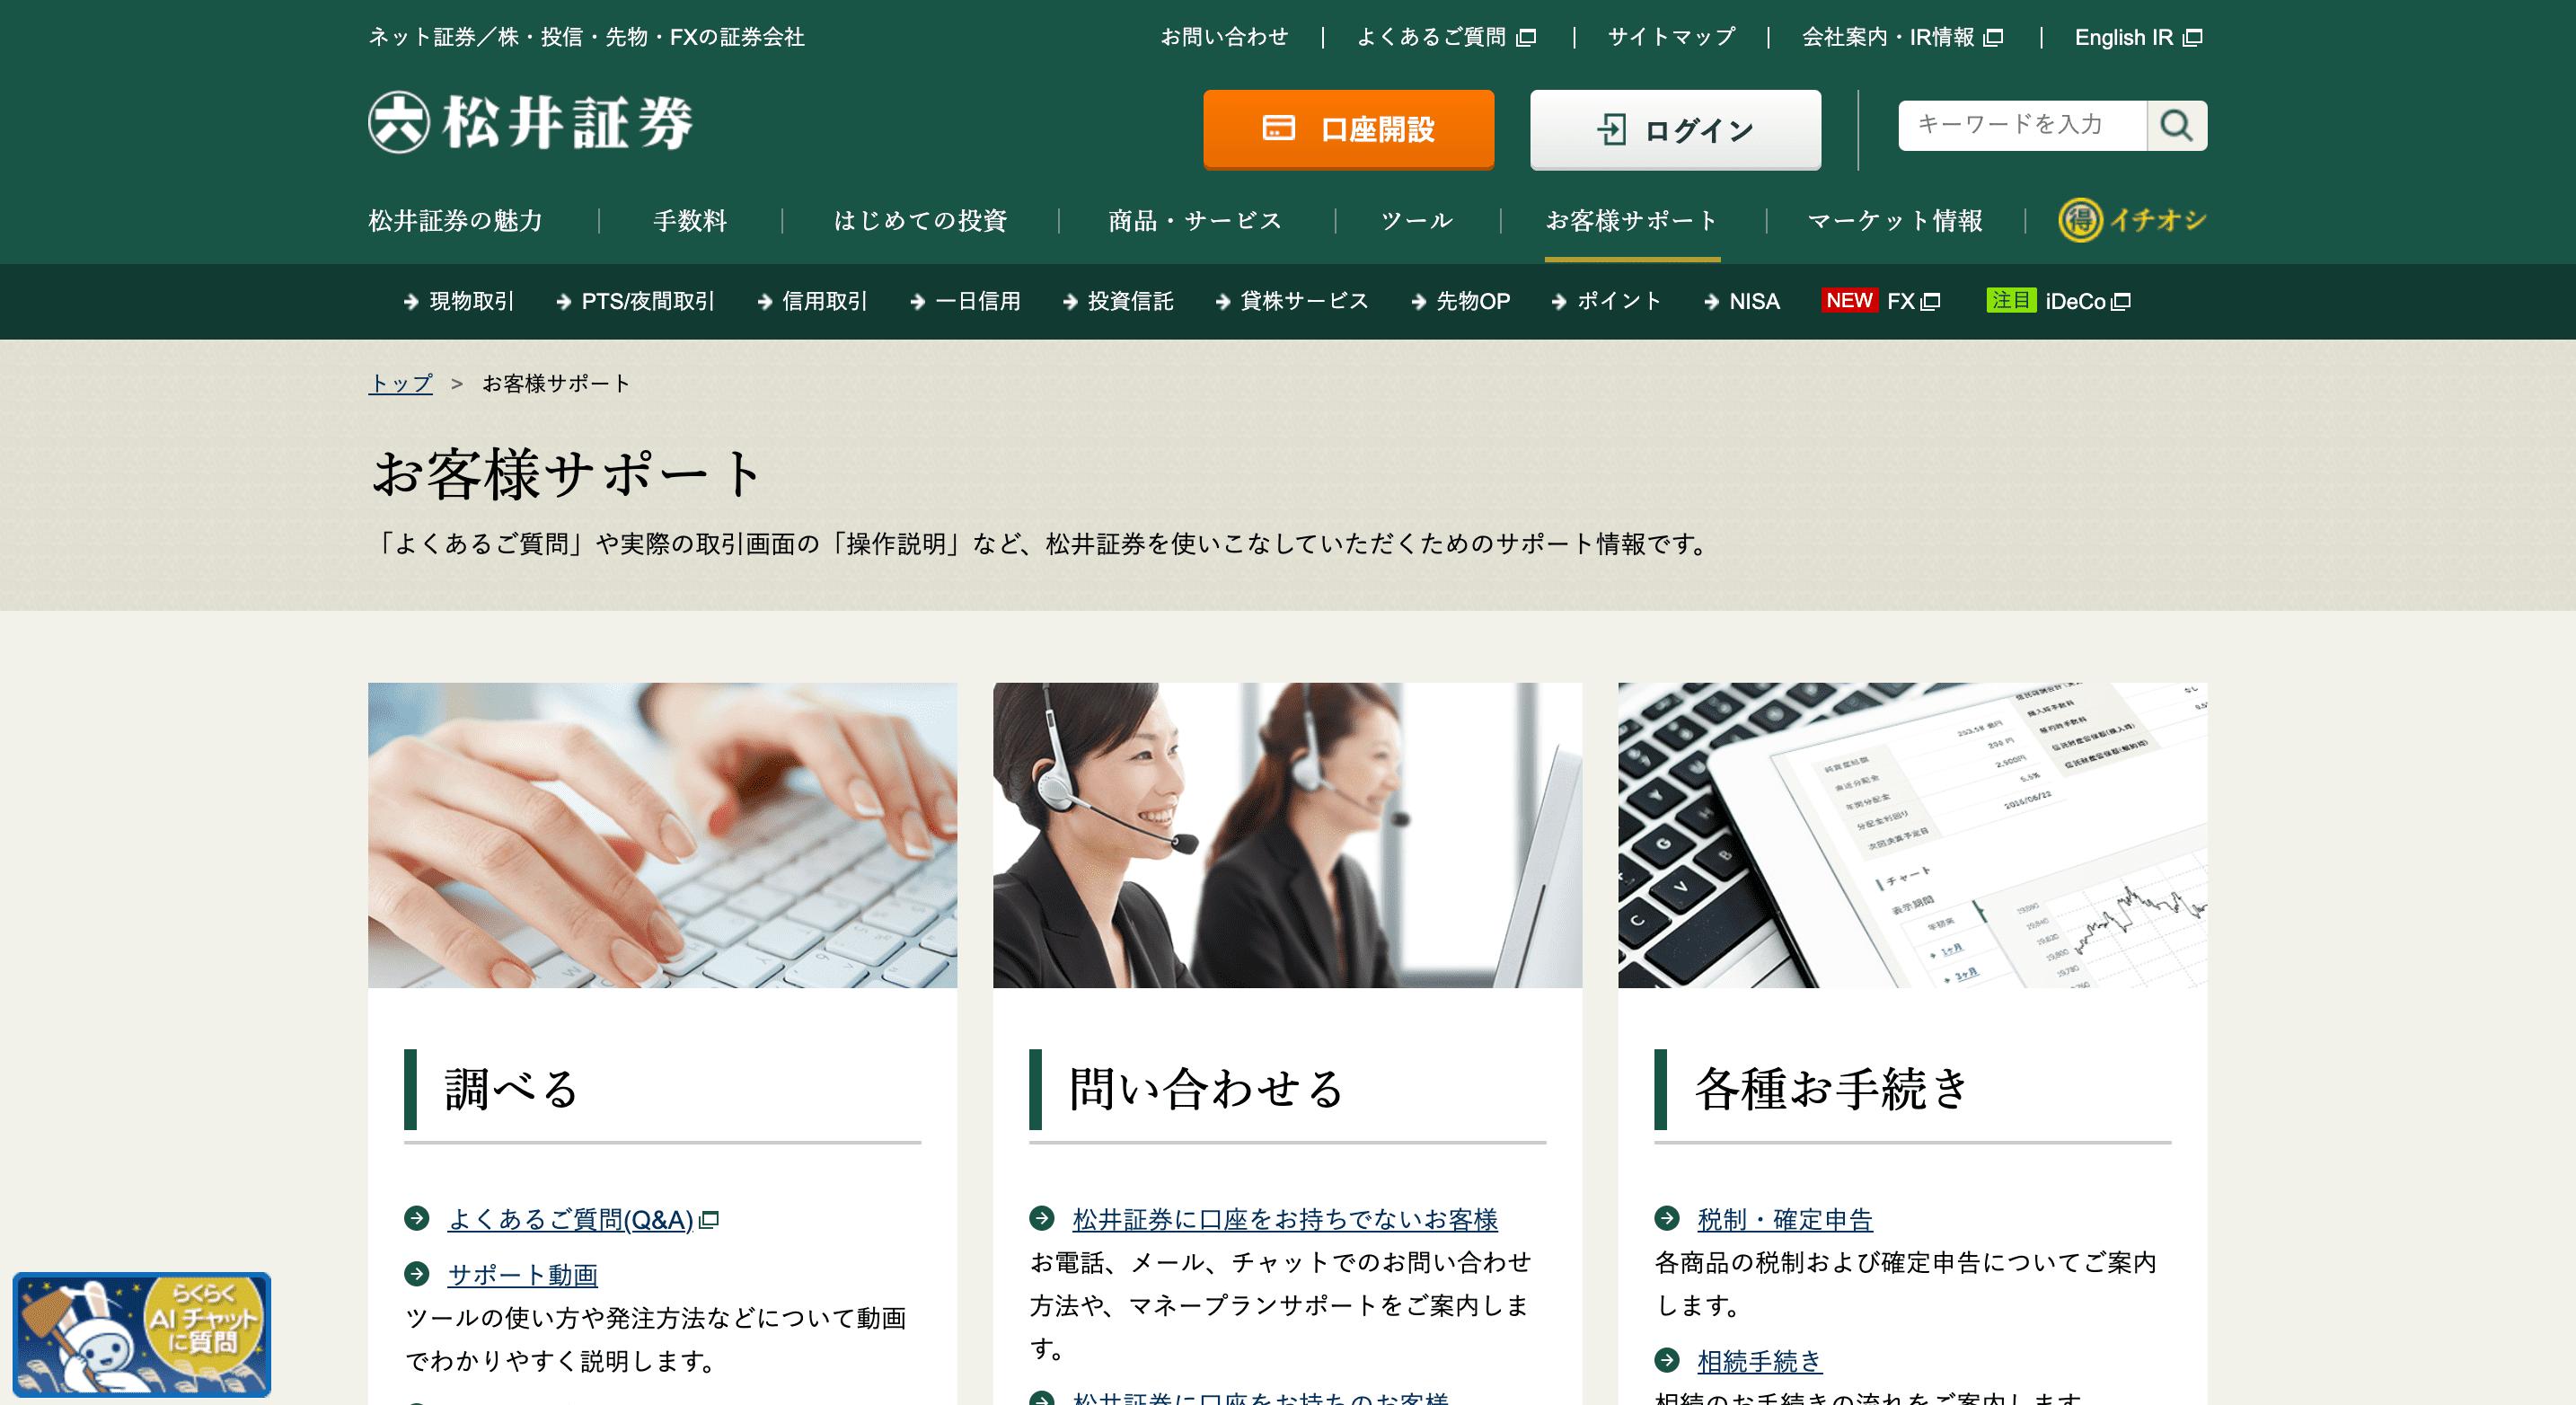 松井証券 サポート体制